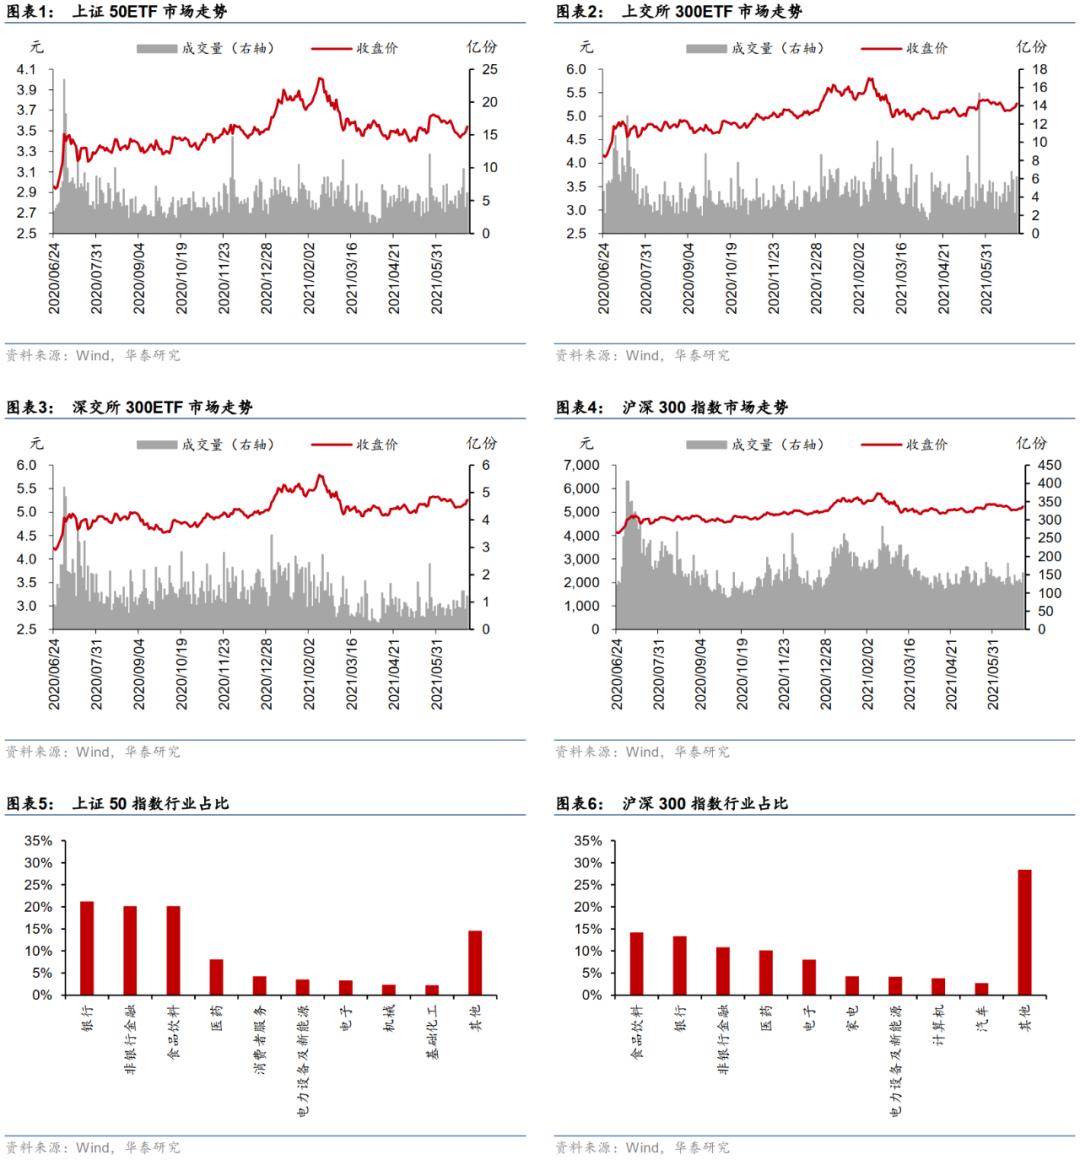 【华泰金工林晓明团队】上周标的上升,历史波动率回落——衍生品周报20210628